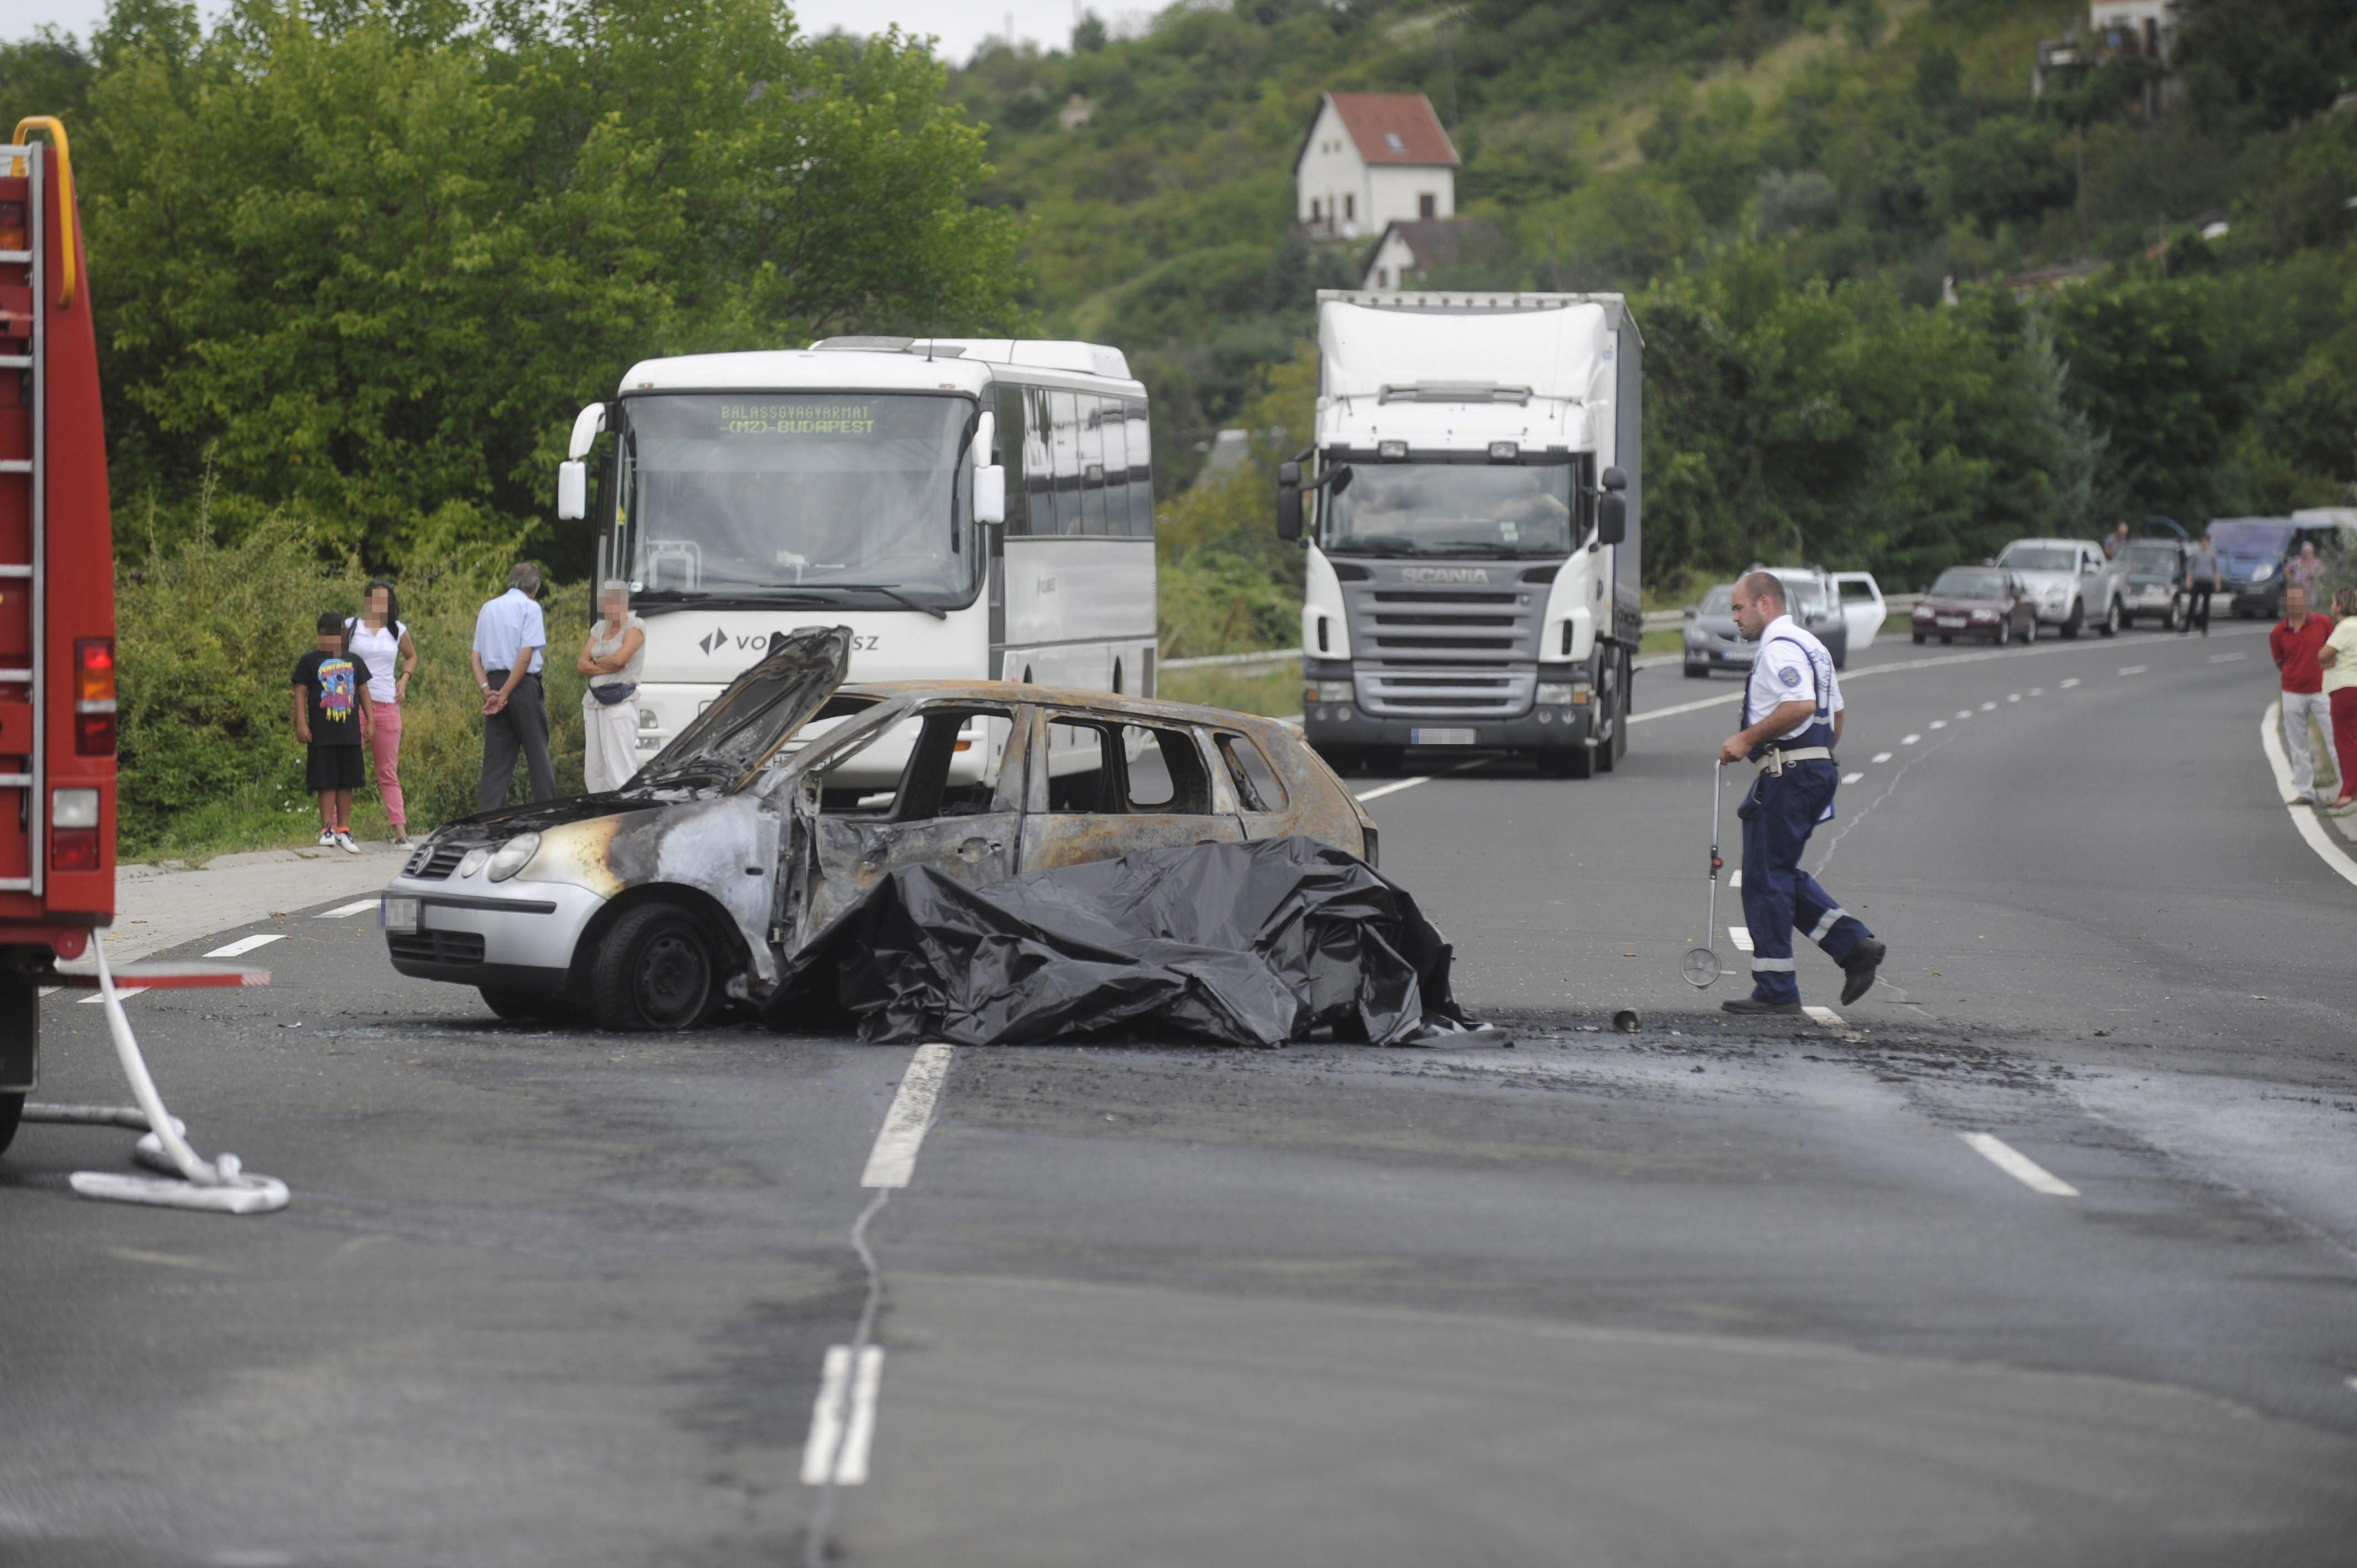 Vác, 2016. augusztus 13. Kiégett személyautó a 2-es főúton Vác térségében, ahol a személygépkocsi egy motorossal ütközött össze 2016. augusztus 13-án. A balesetben mindkét jármű kigyulladt, a motorkerékpár vezetője életét vesztette, utasa súlyosan megsérült. Az autóban ülők közül egy férfi súlyosan, két nő könnyebben megsérült. MTI Fotó: Mihádák Zoltán